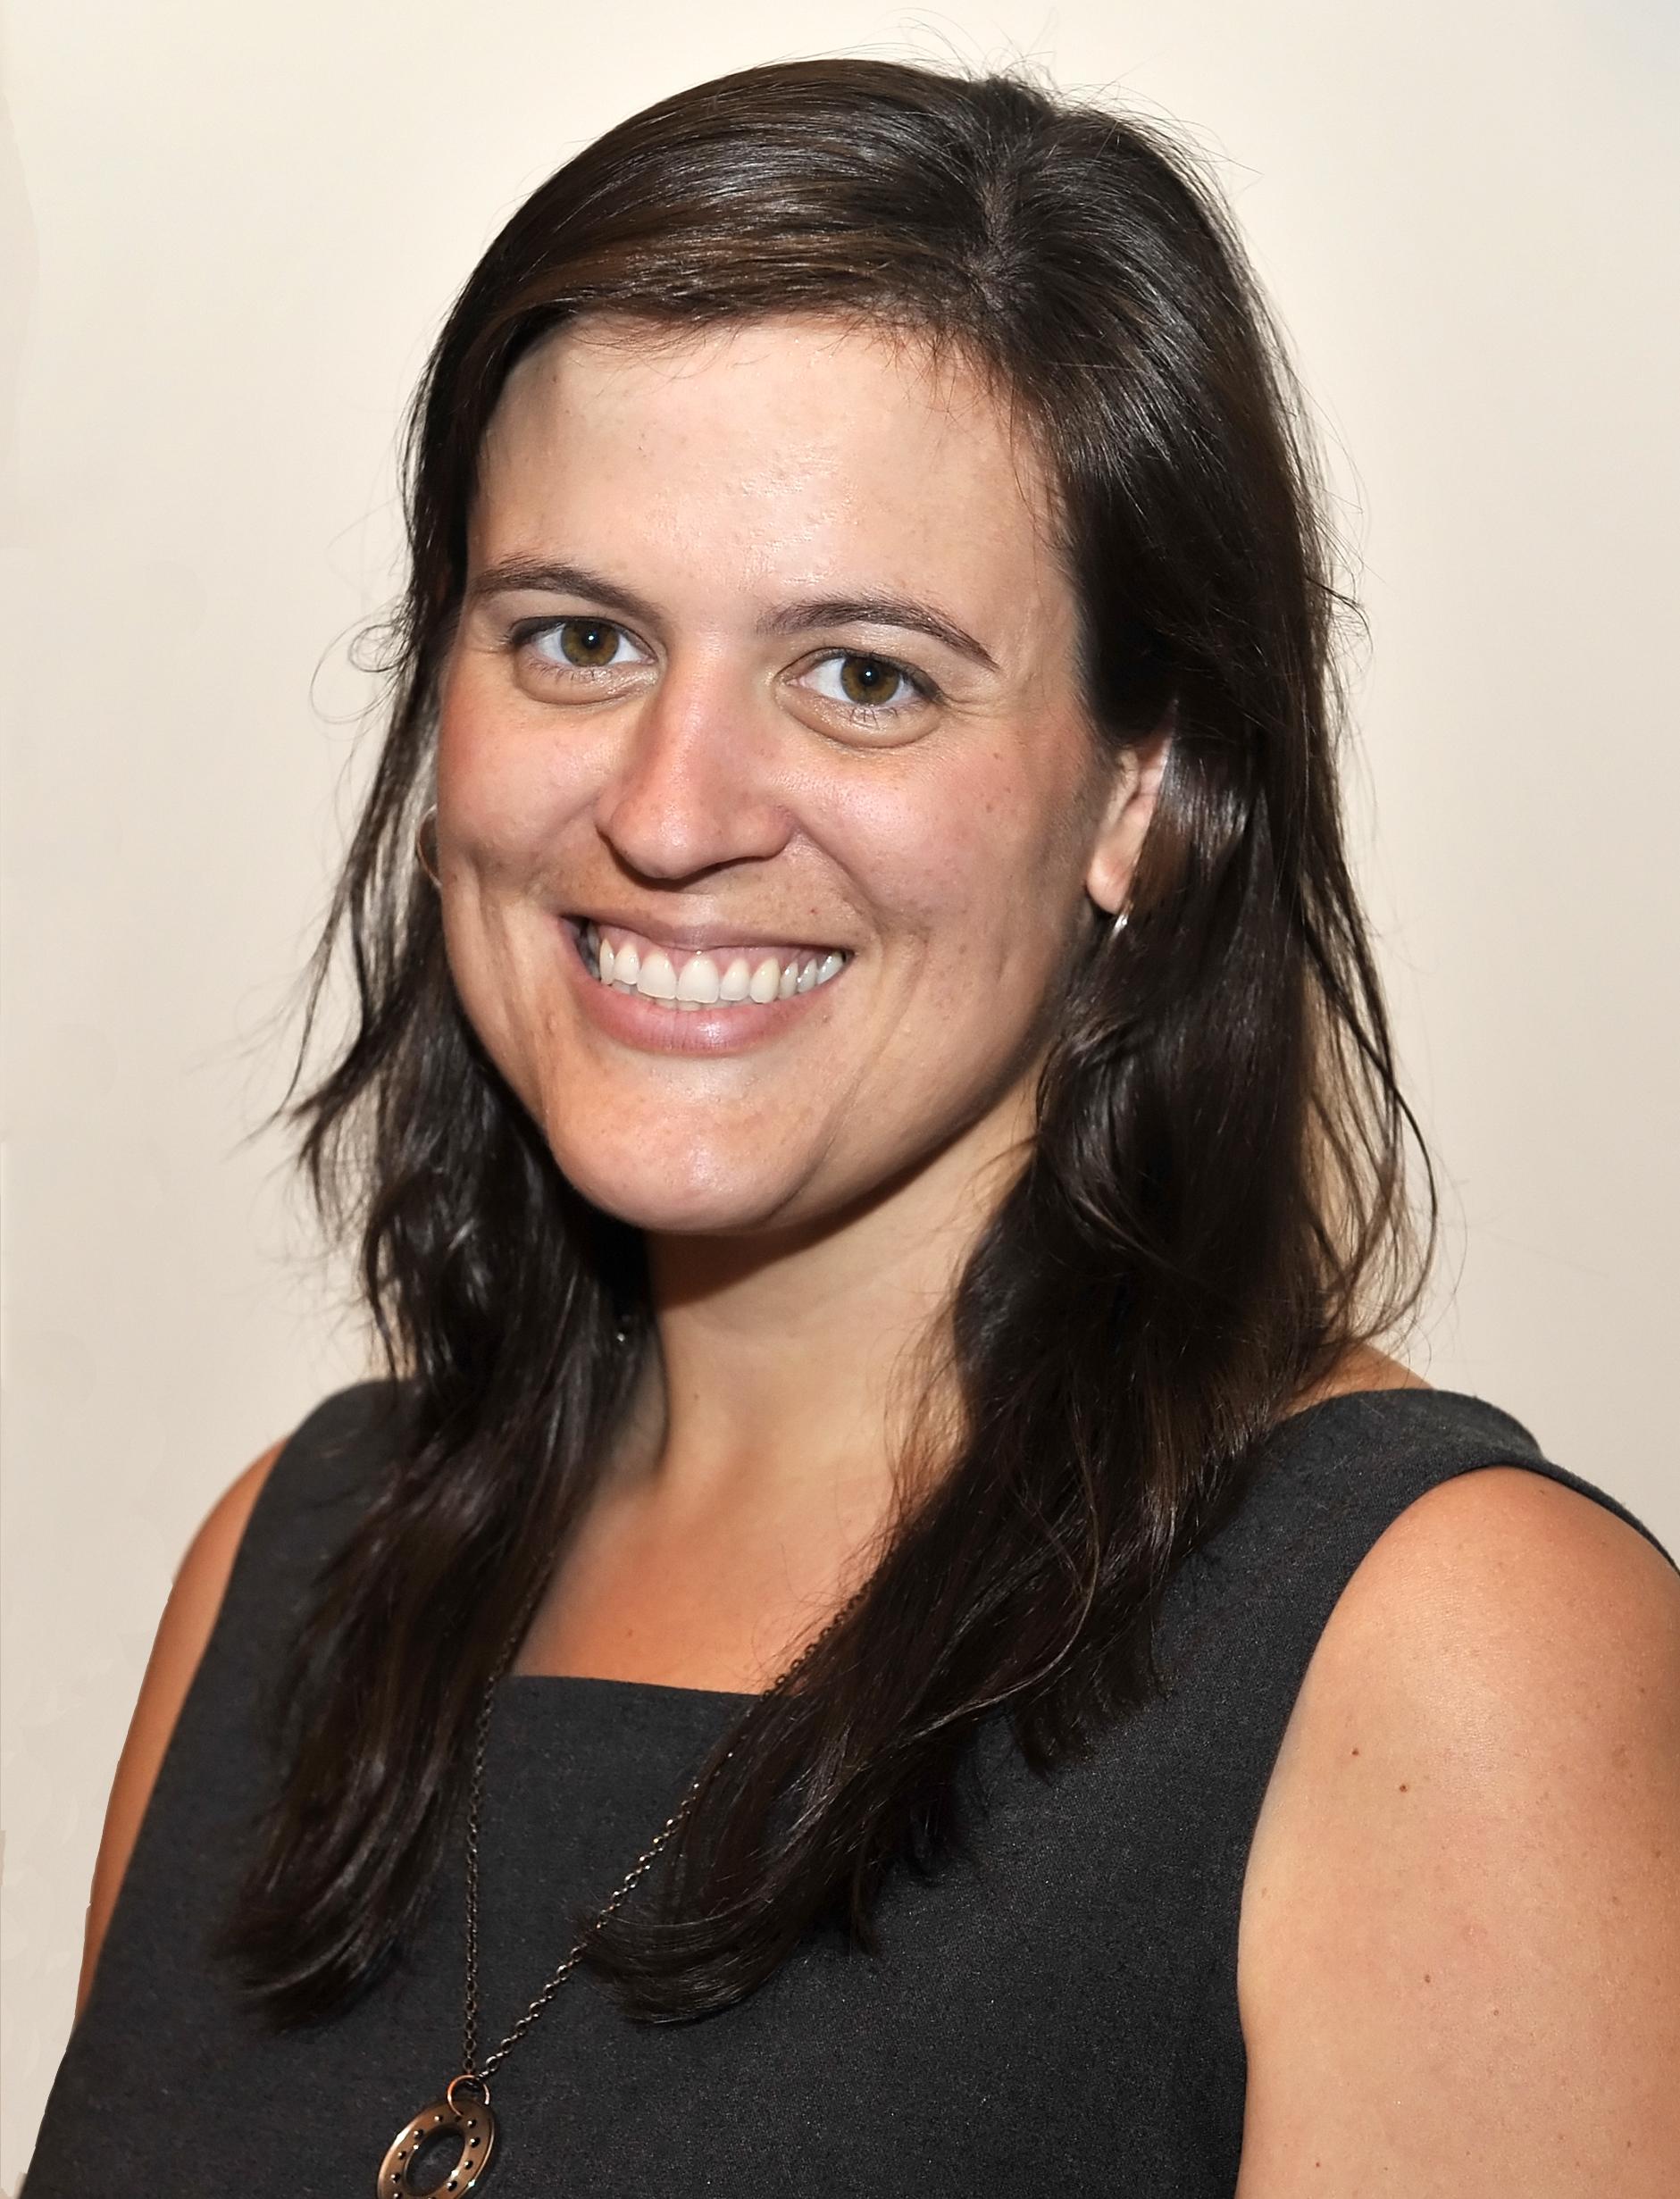 Megan Prock